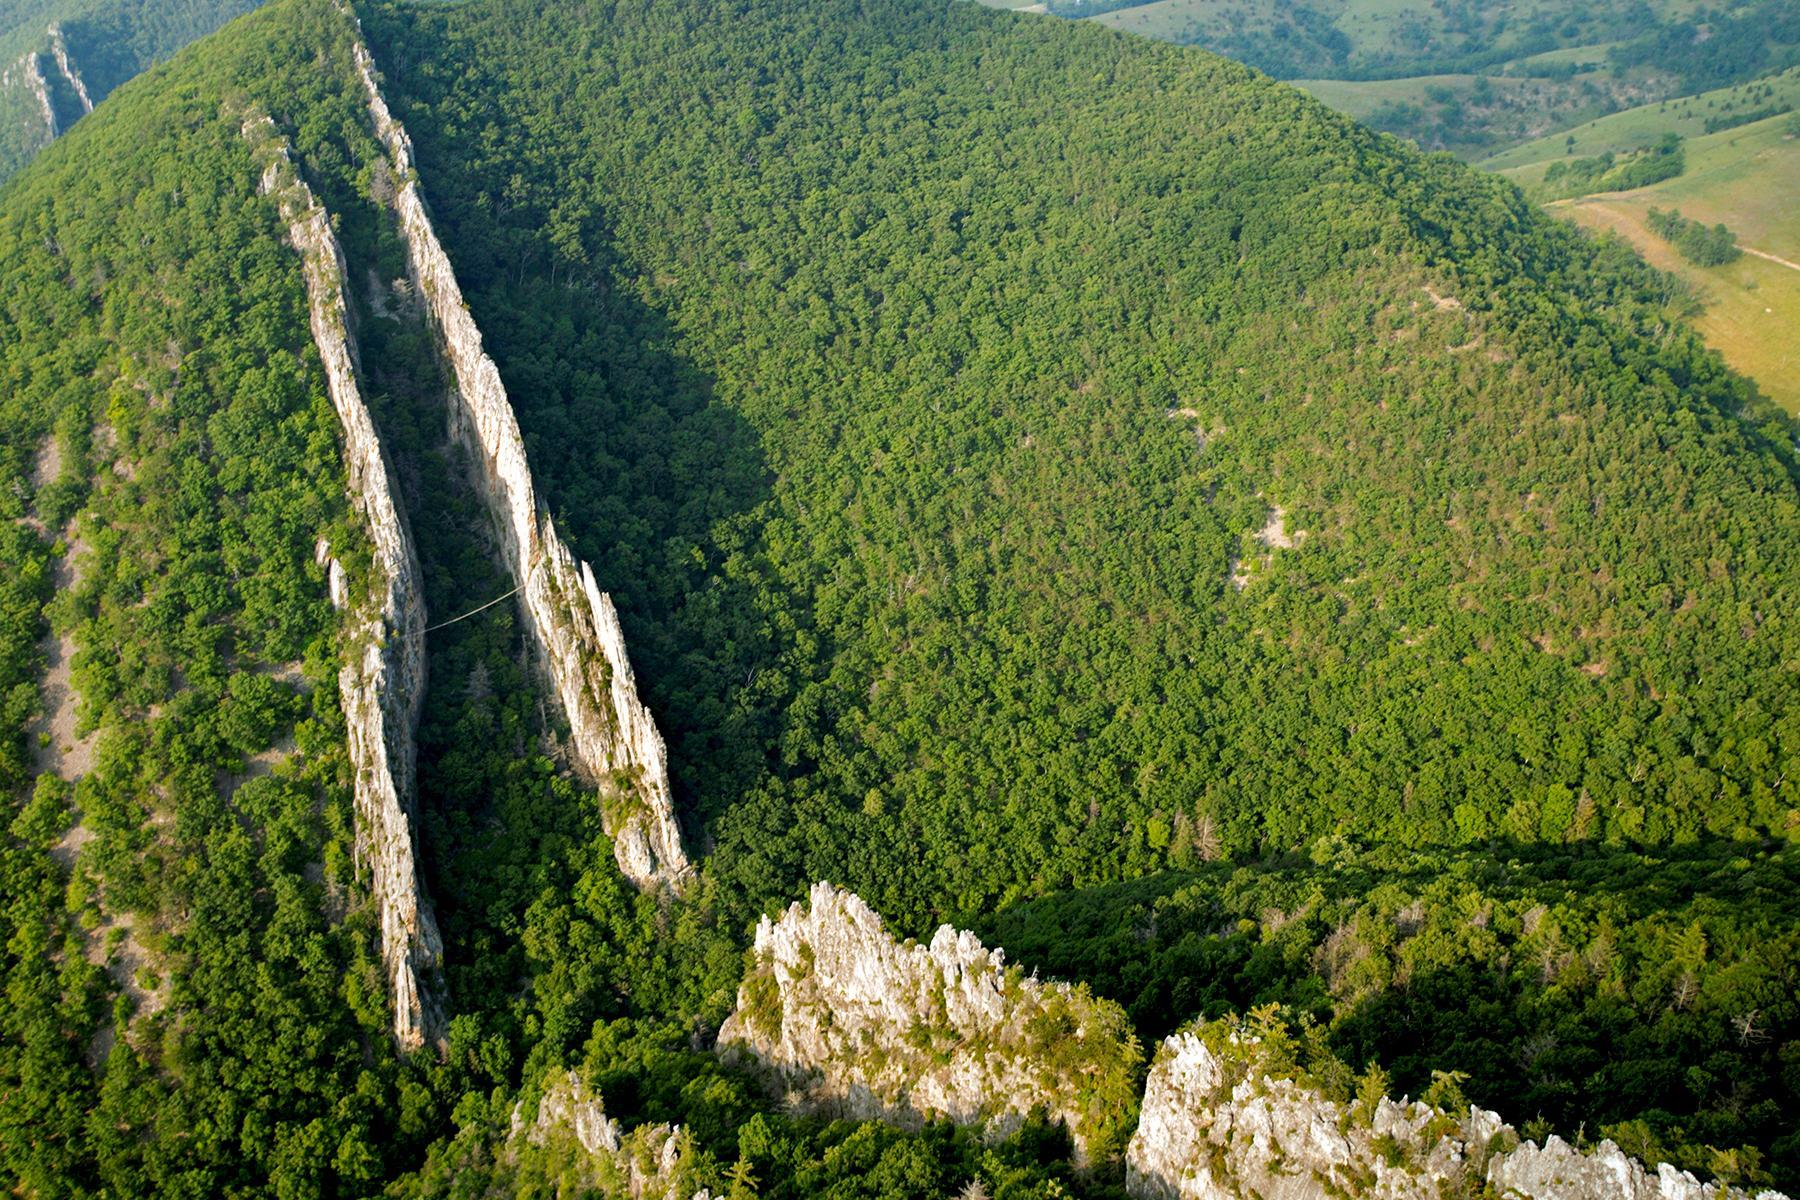 09_WestVirginia__AnchoredHikingtrail_9.) Aerial Fins High-Res